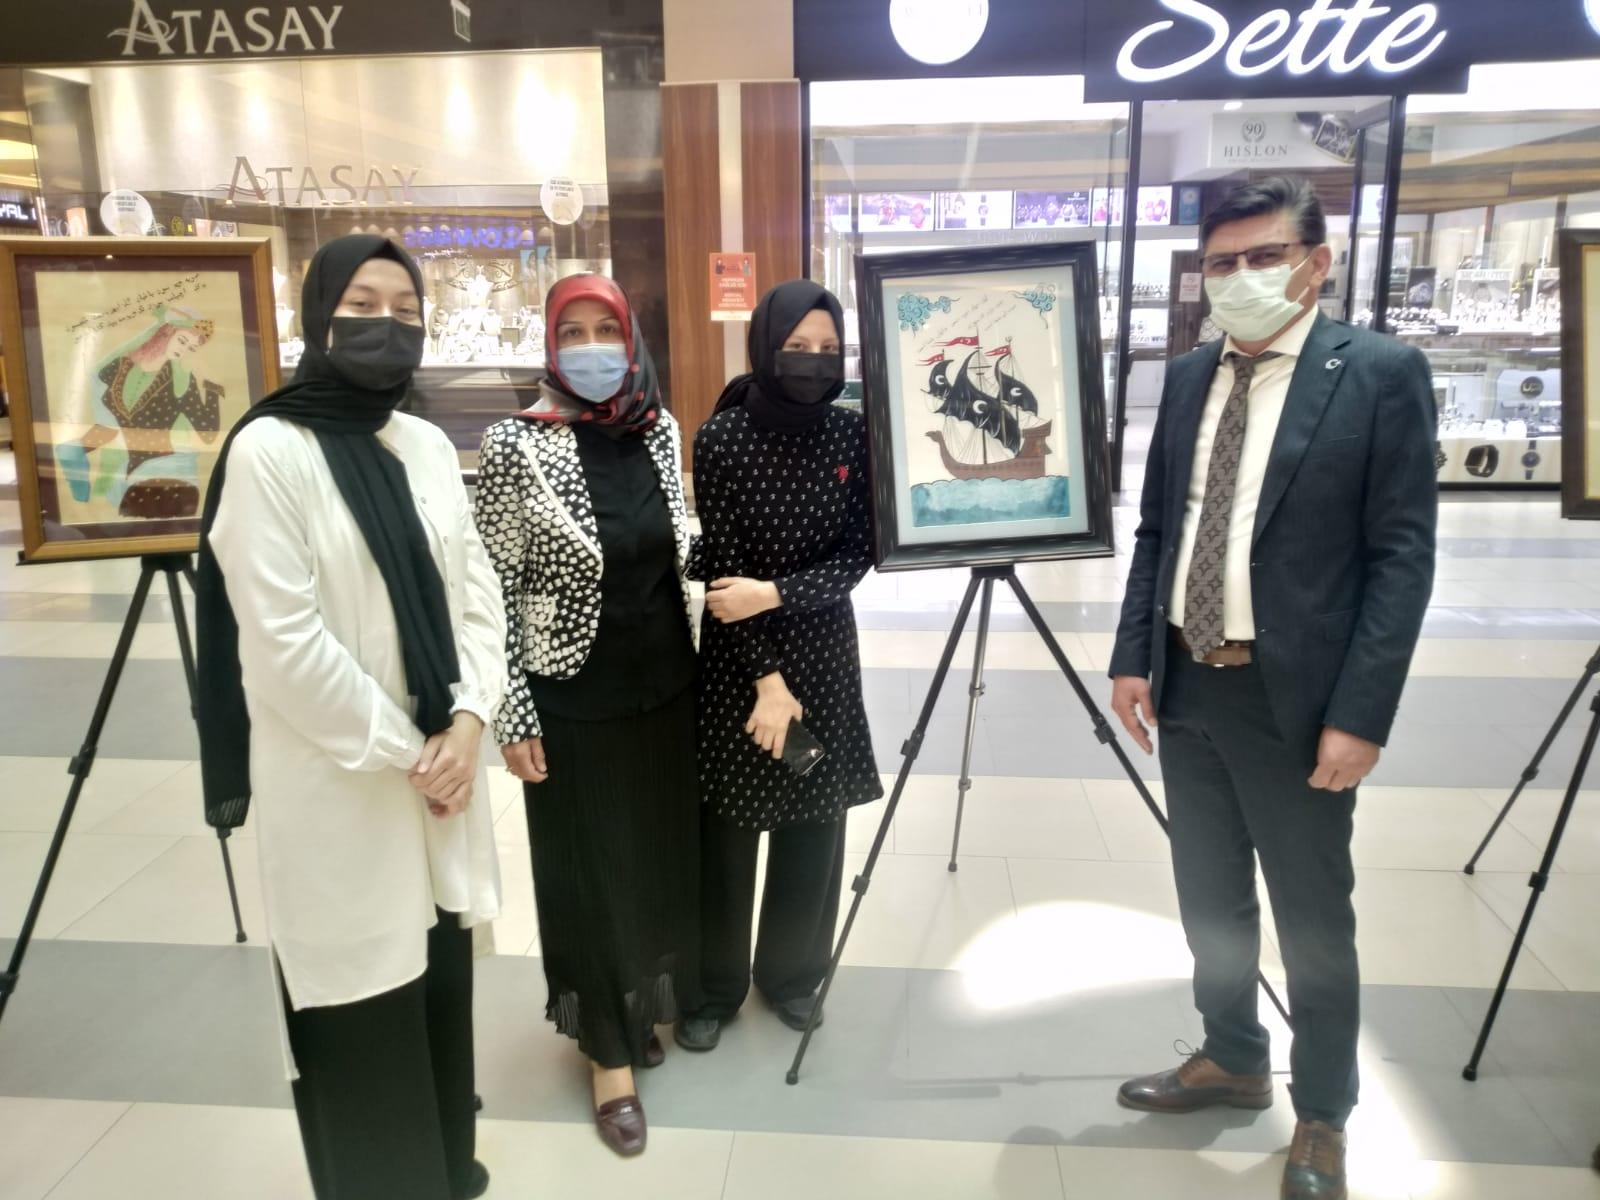 Selahaddin Eyyübi İmam Hatip Lisesinin İslam sanatları Sergisi Büyük ilgi gördü